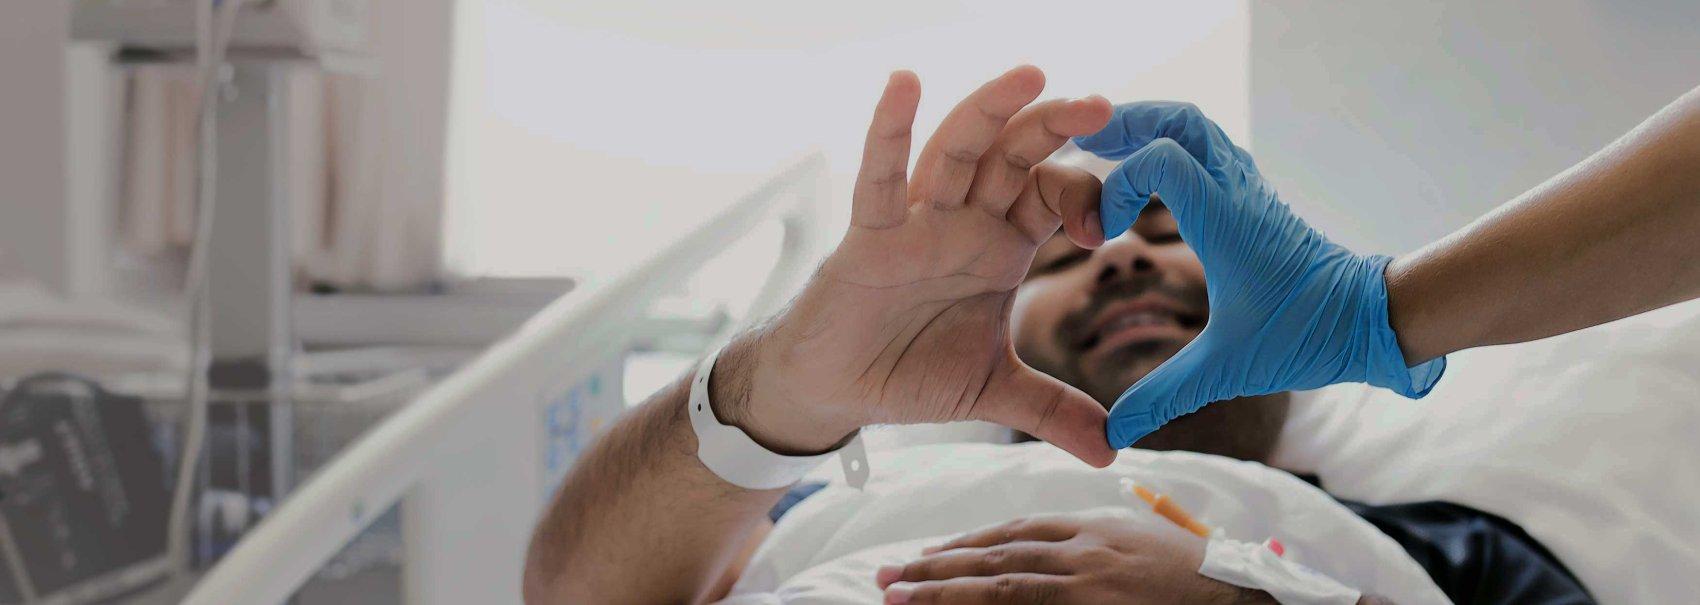 Trabajador sanitario y paciente haciendo una forma de corazón con las manos